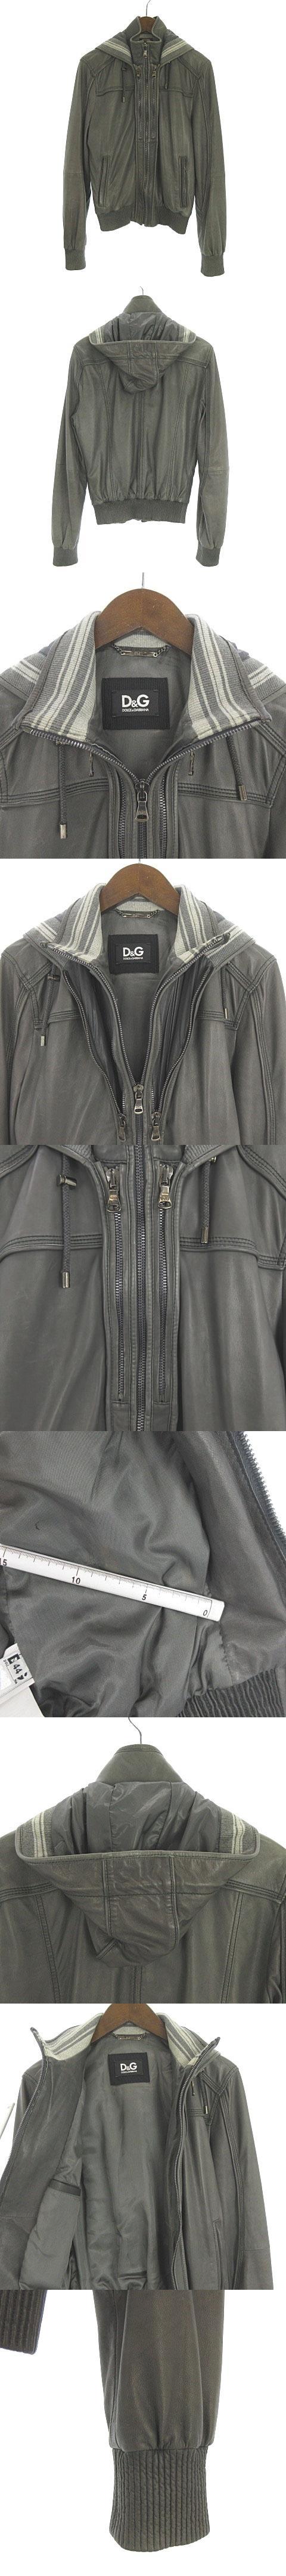 ジャケット ブルゾン ラムレザー ジップアップ グレー 44